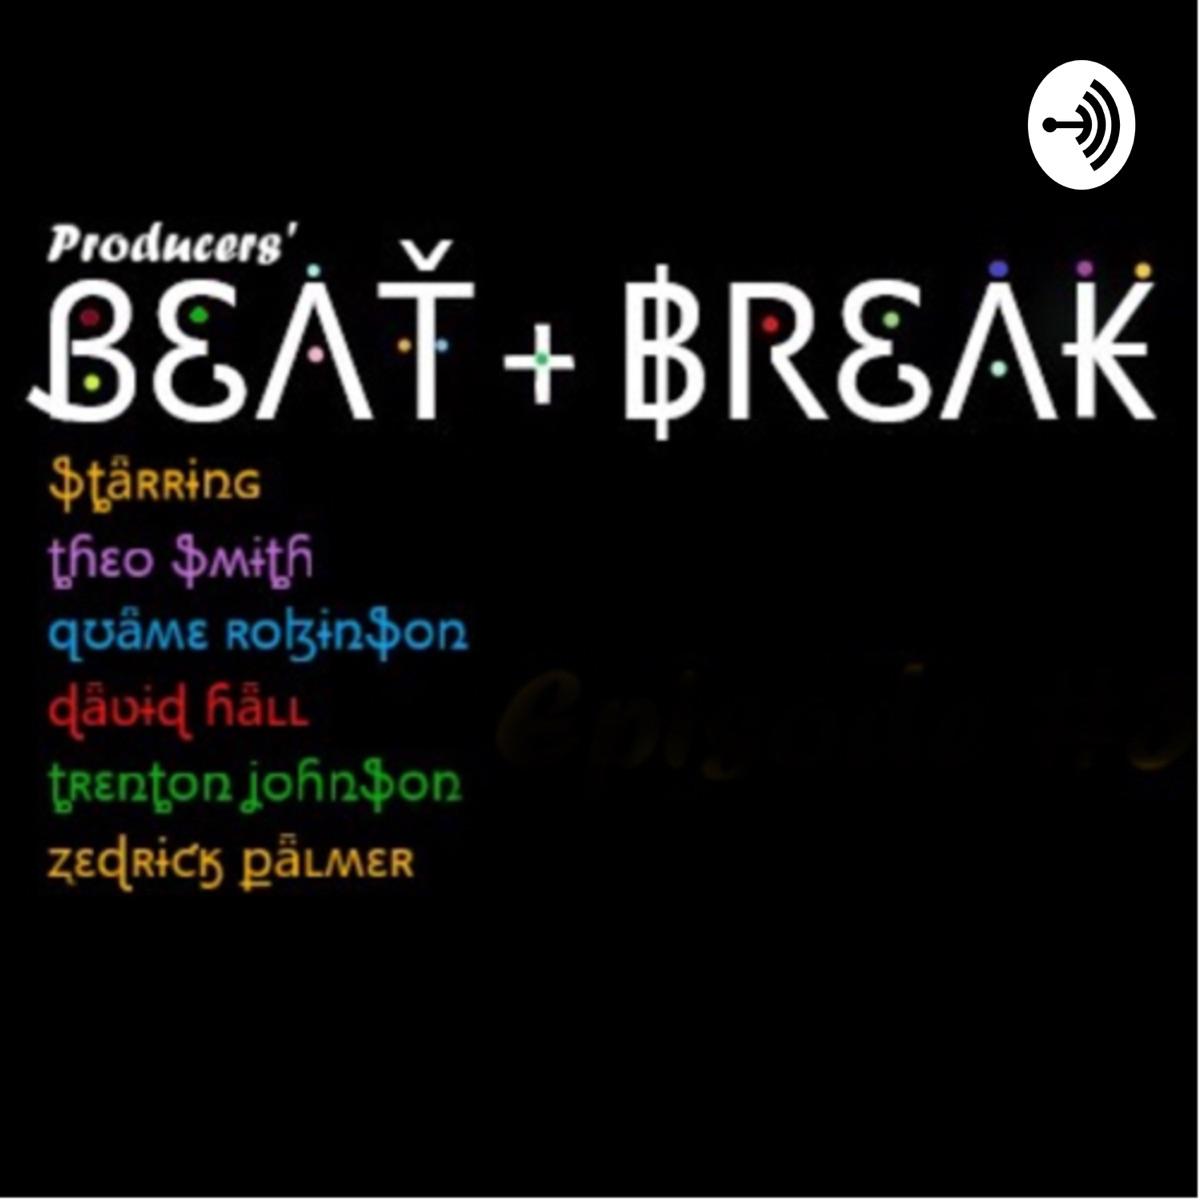 Producers' BEAT+BREAK